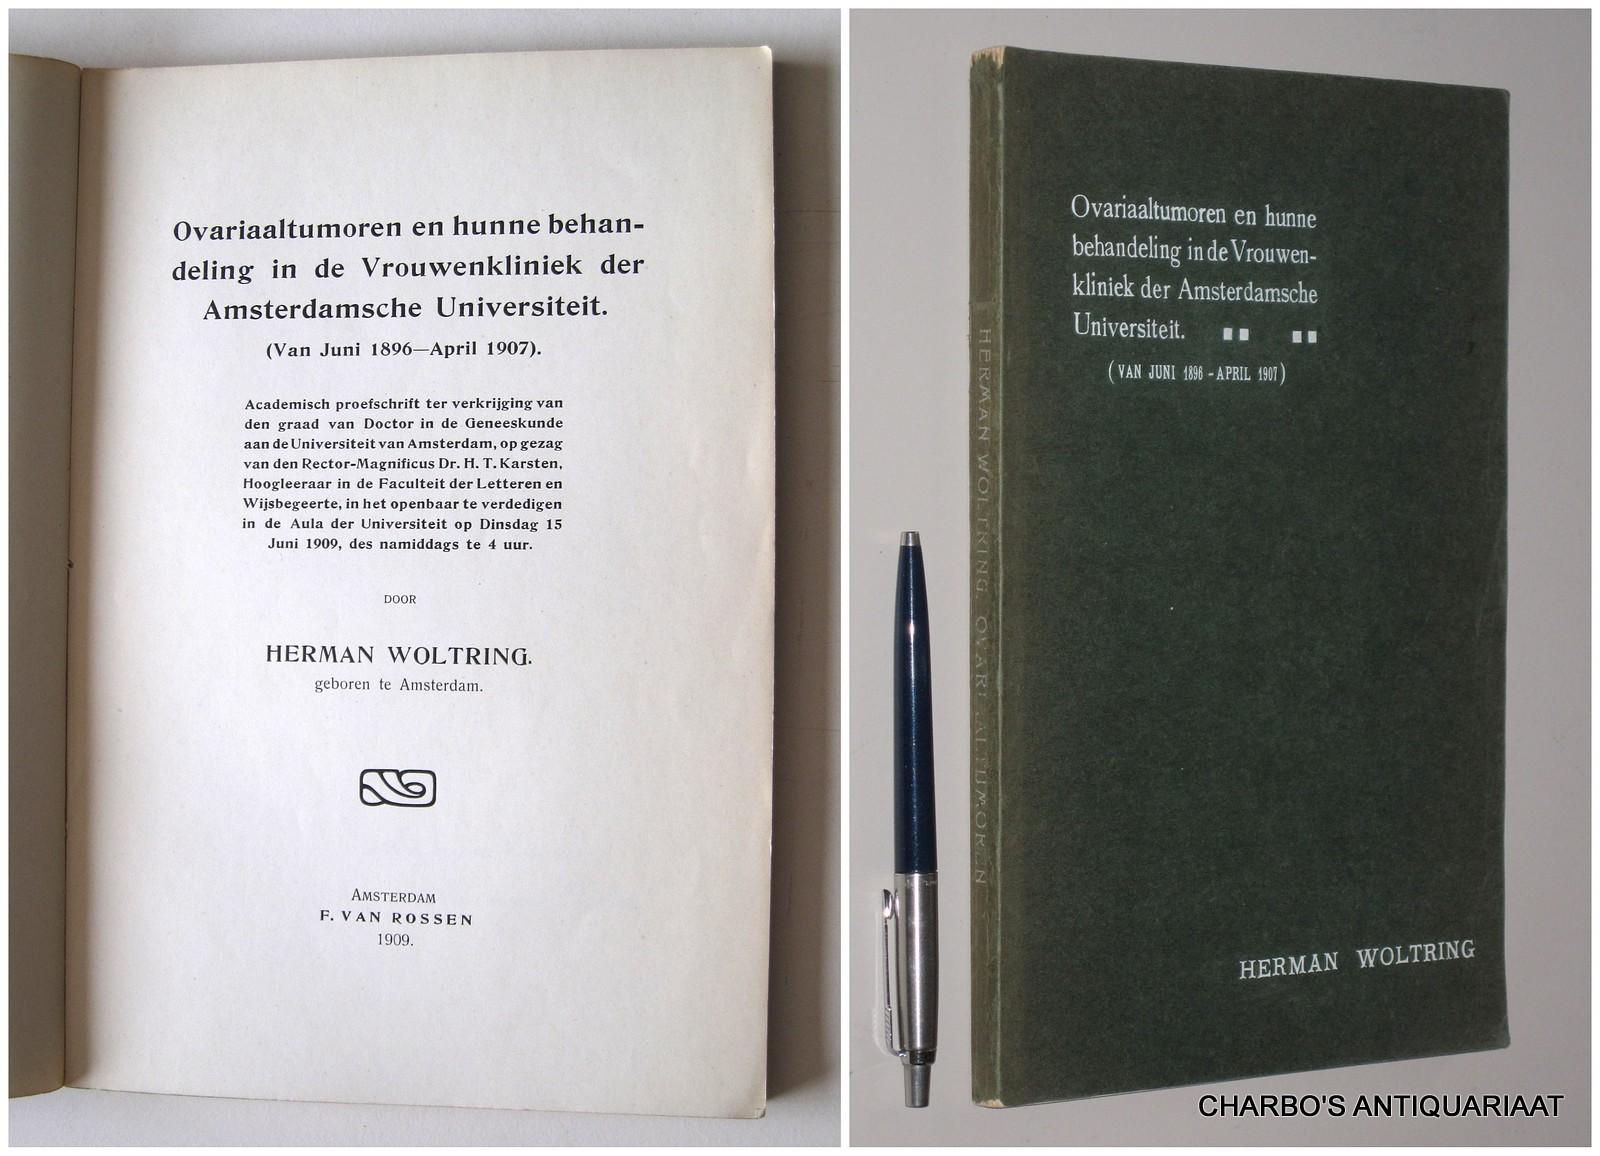 WOLTRING, HERMAN, -  Ovariaaltumoren en hunne behandeling in de Vrouwenkliniek der Amsterdamsche Universiteit (van Juni 1896 - April 1907).